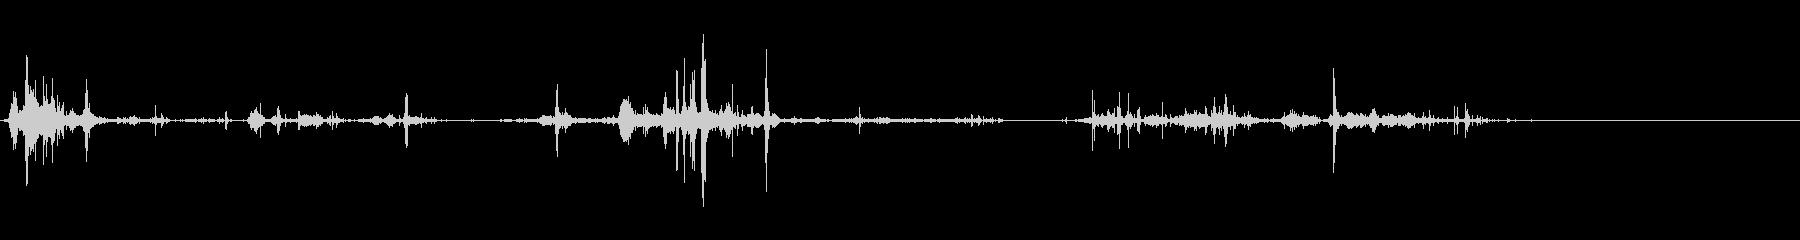 ギア付きのボディクロール。ギアのガ...の未再生の波形